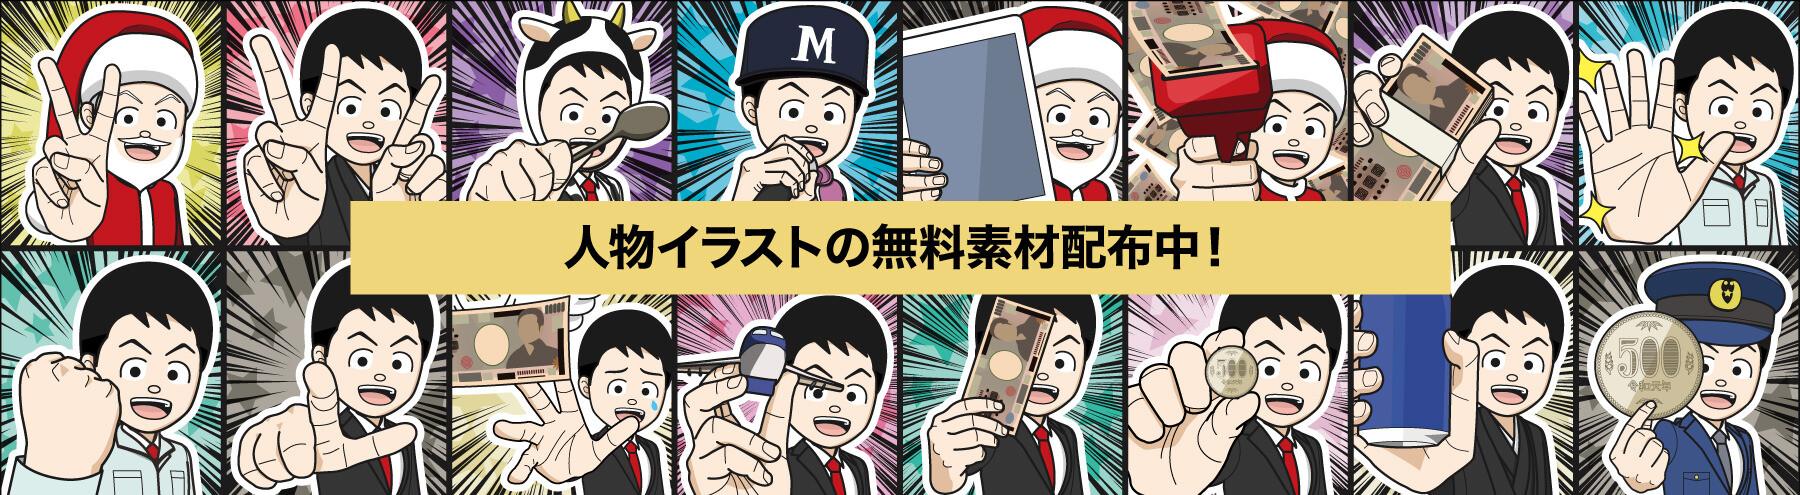 人物イラストの無料ダウンロードならMIDO-KICHI